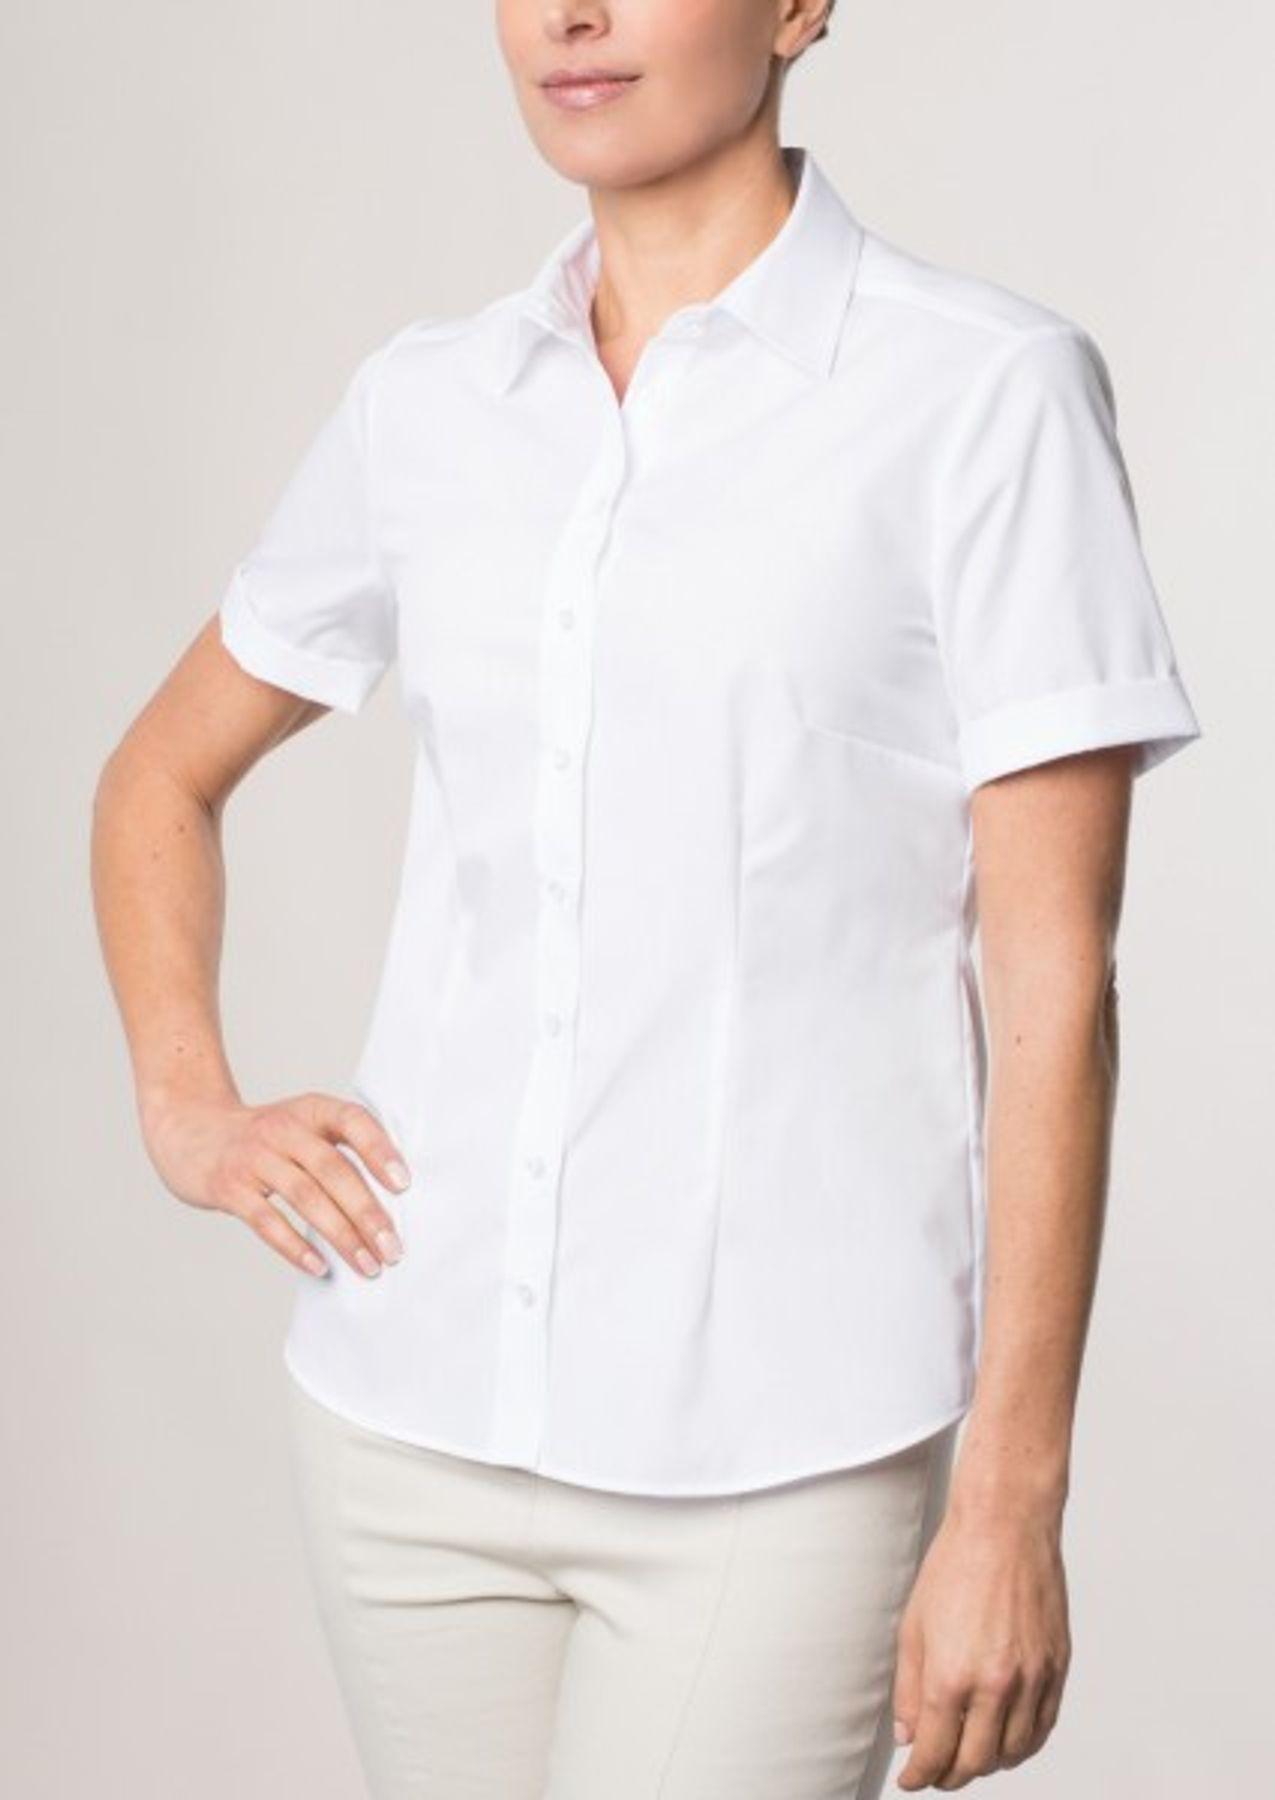 Eterna -  Comfort-Fit - Bügelfreie Damen Halbarm - Bluse in Blau, Weiß oder Schwarz (5220 H670) – Bild 6